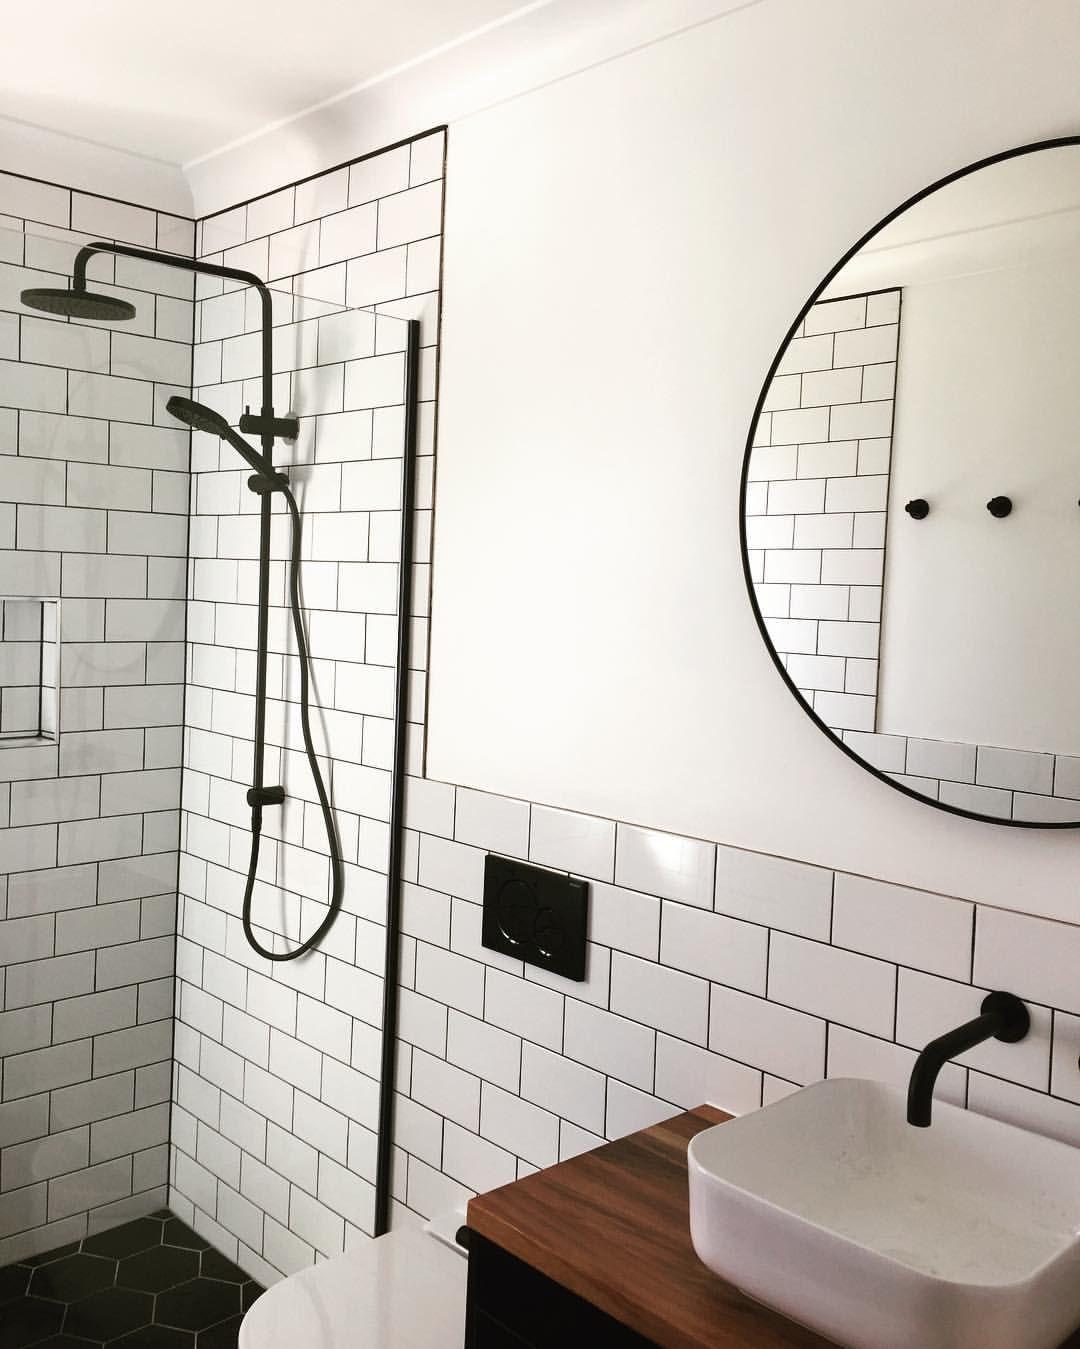 Epingle Par Pui Yie Sur Reno Bathroom Ideas Salle De Bains Combles Salle De Bain Et Decoration Maison